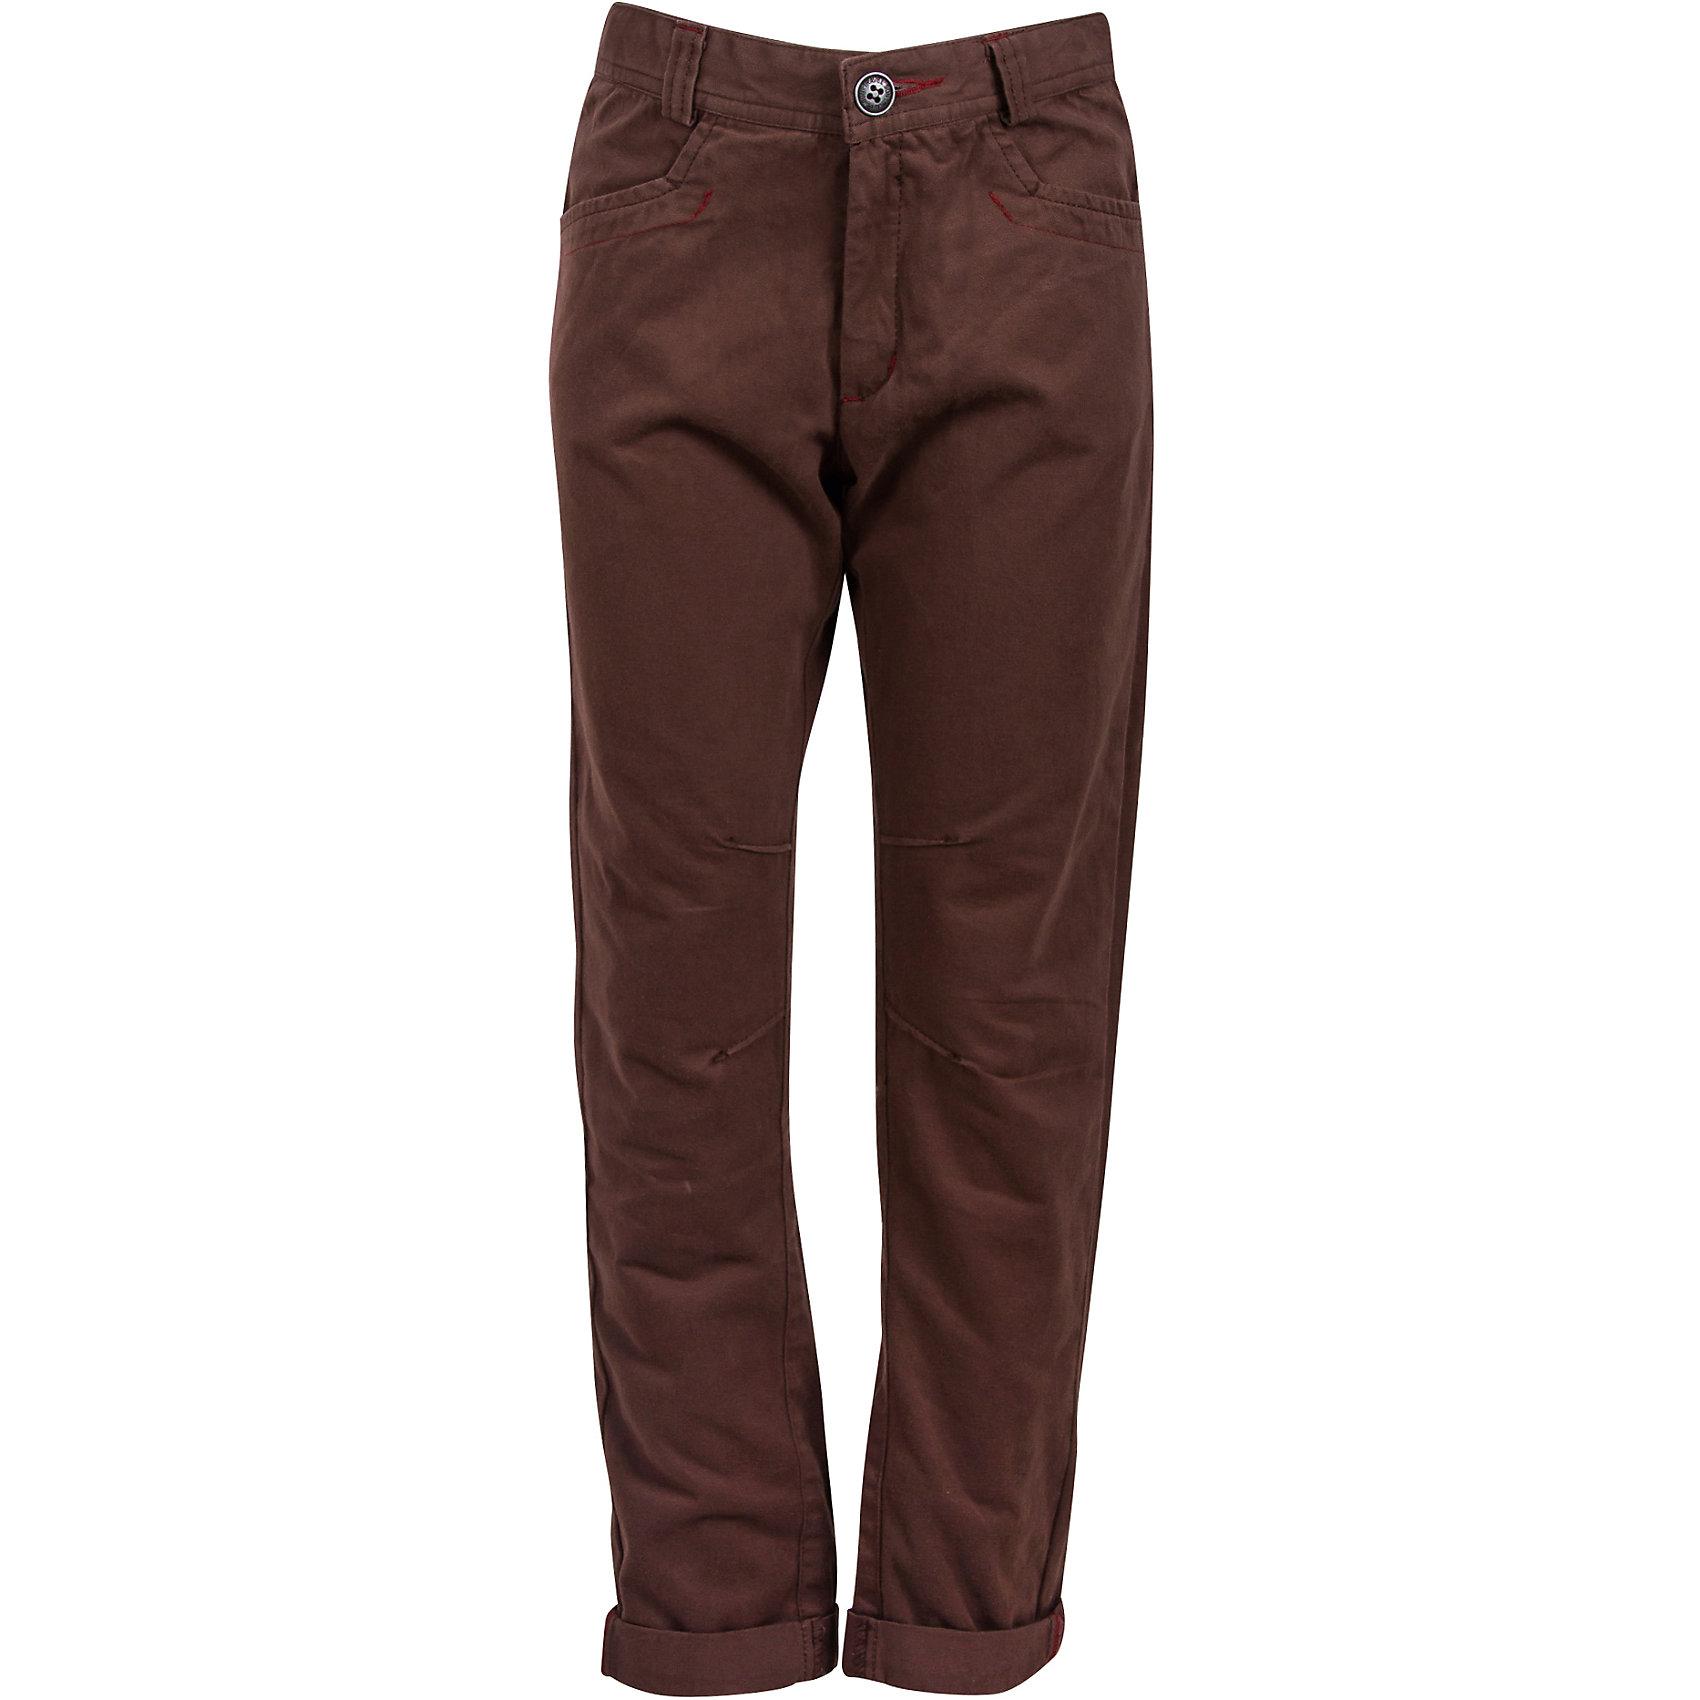 Брюки для мальчика Bell BimboБрюки для мальчика от марки Bell Bimbo.<br>Однотонные брюки дополнены двумя боковыми карманами спереди, двумя накладными карманами сзади, застежка молния+пуговица,  шлёвки для ремня, манжеты<br>Состав:<br>Твил 100% хб<br><br>Ширина мм: 215<br>Глубина мм: 88<br>Высота мм: 191<br>Вес г: 336<br>Цвет: коричневый<br>Возраст от месяцев: 120<br>Возраст до месяцев: 132<br>Пол: Мужской<br>Возраст: Детский<br>Размер: 152,164,128,134,140,158,146<br>SKU: 4578569